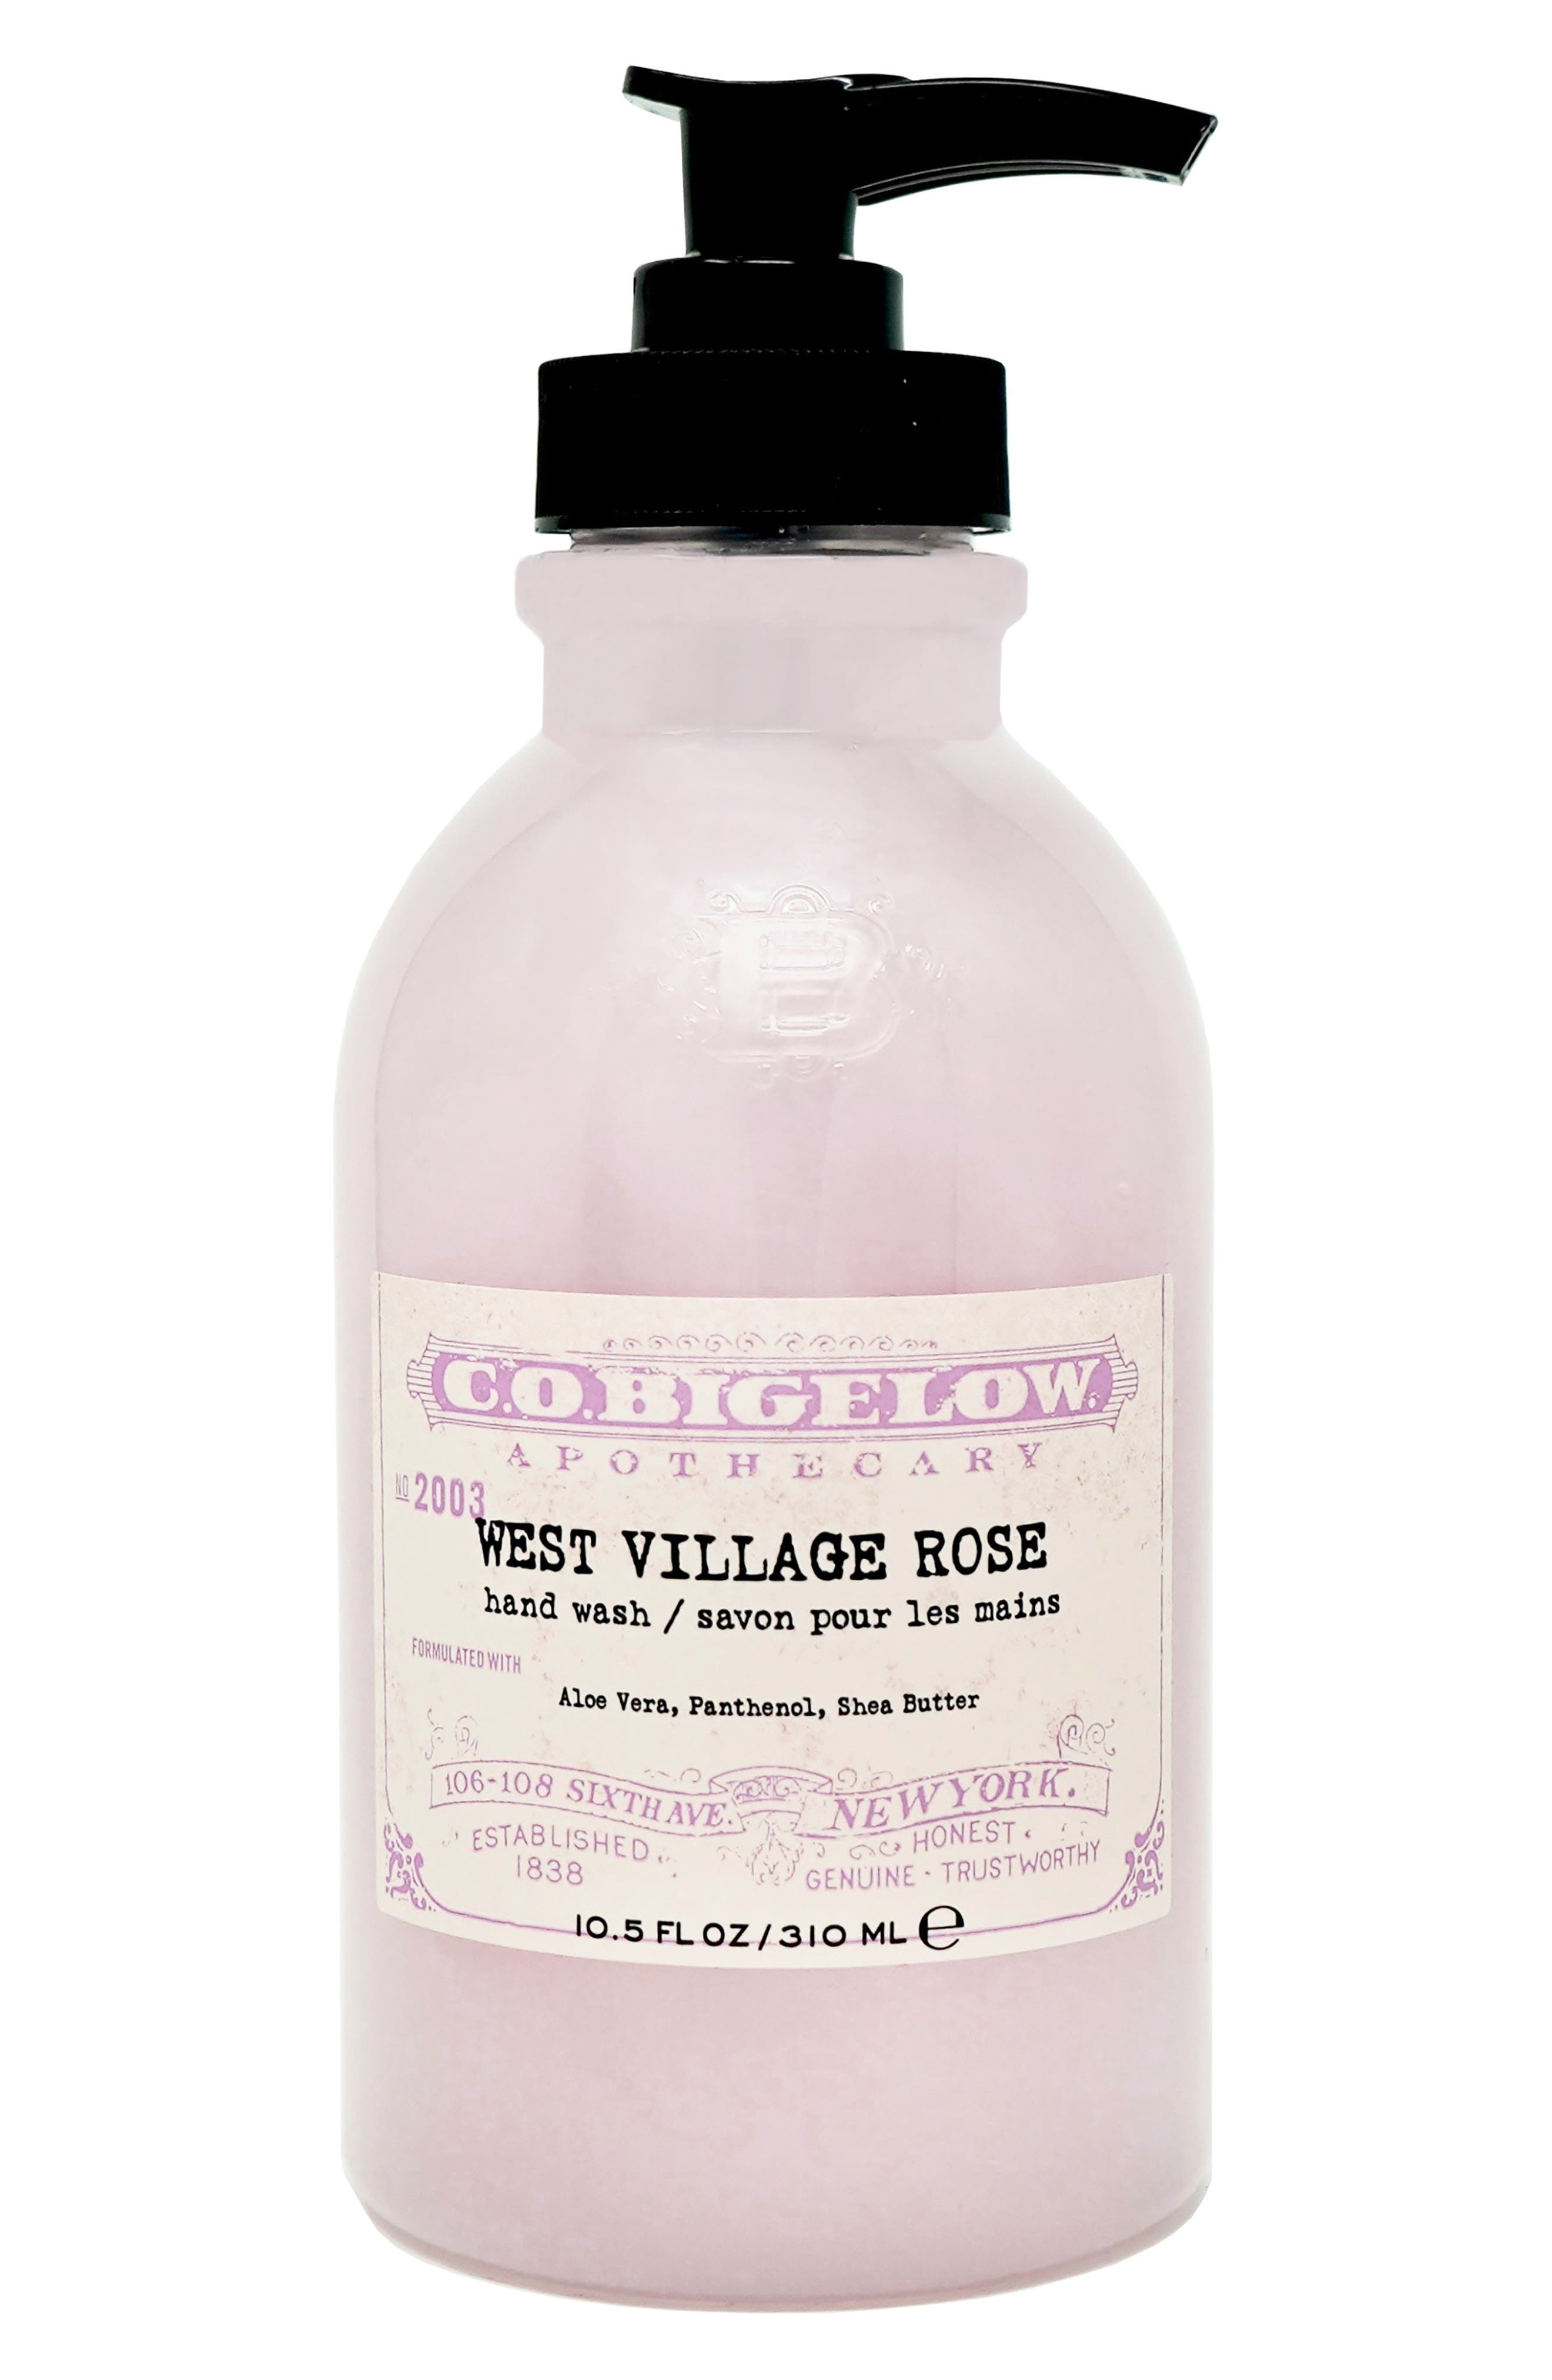 West Village Rose Hand Wash